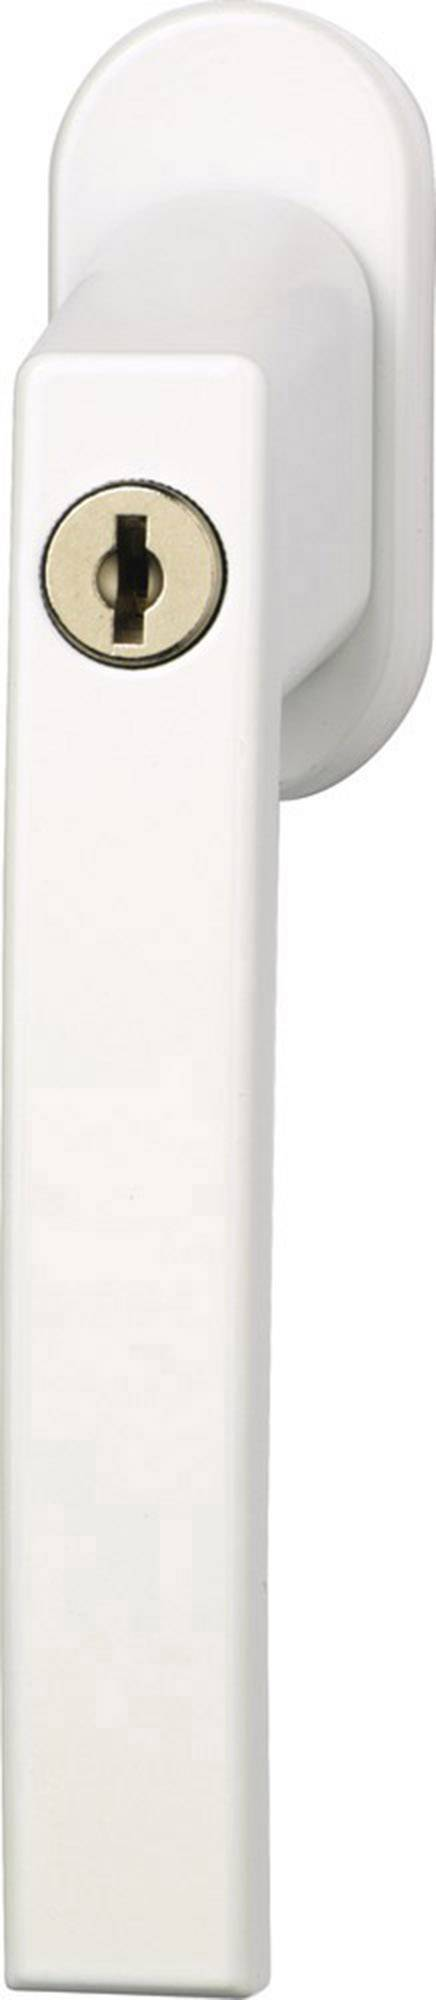 Okenní klika uzamykatelná bílá ABUS ABFS30215